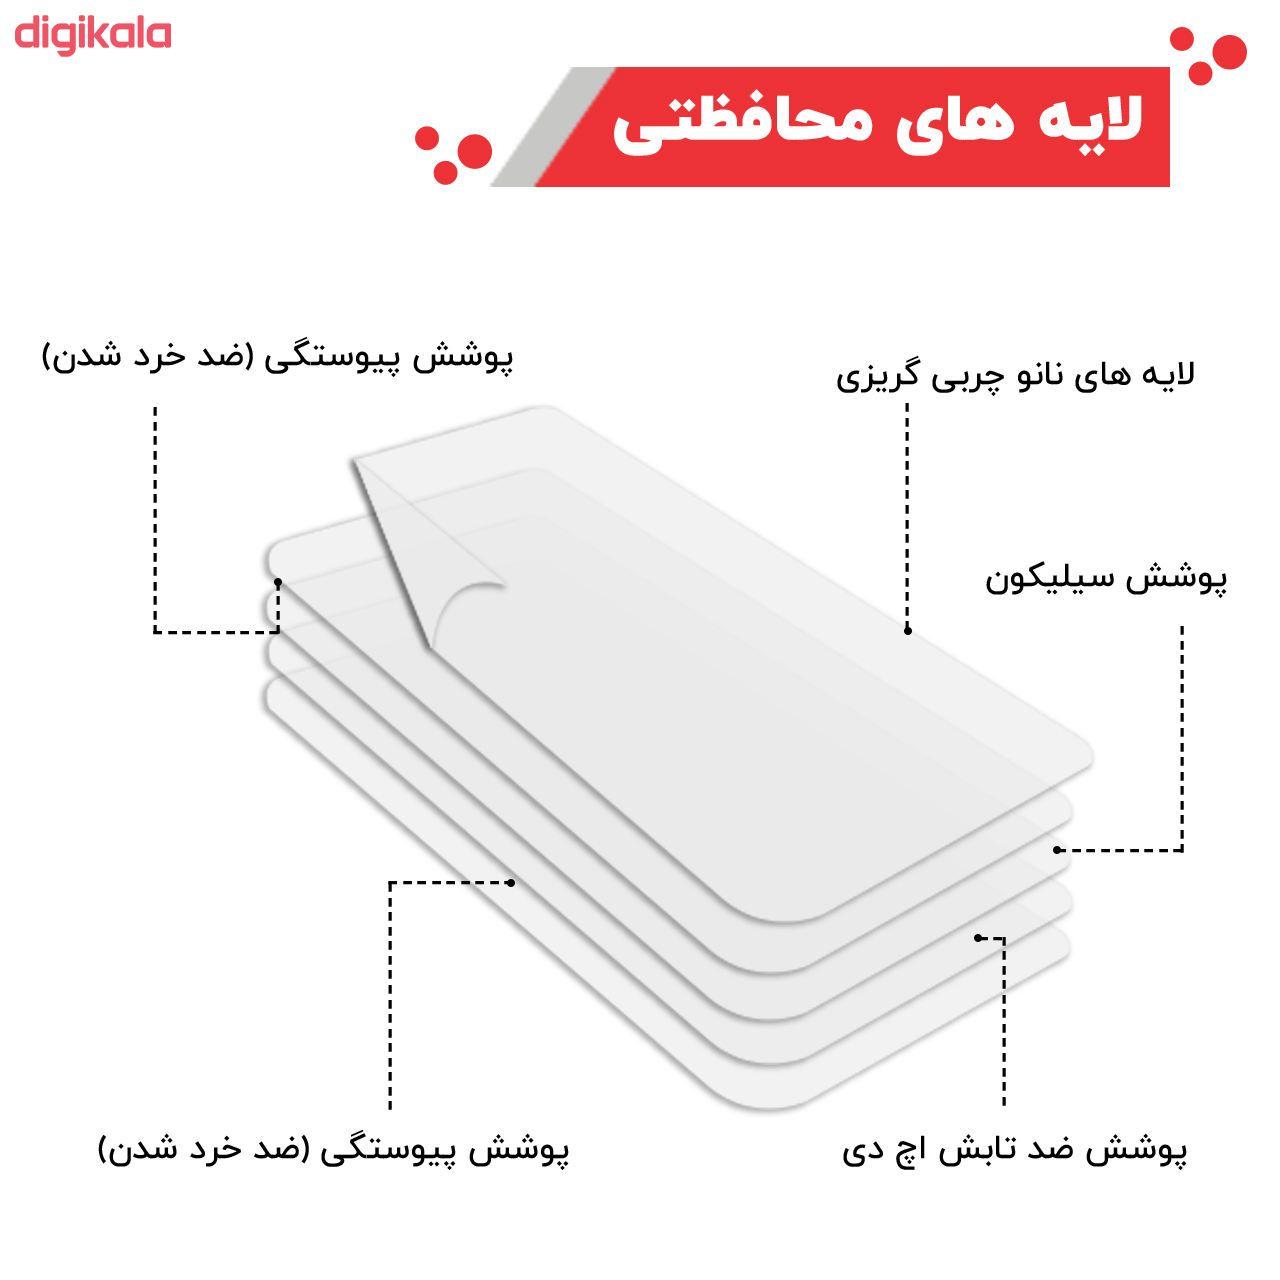 محافظ صفحه نمایش فوکس مدل PR001 مناسب برای گوشی موبایل سامسونگ Galaxy A30 main 1 6